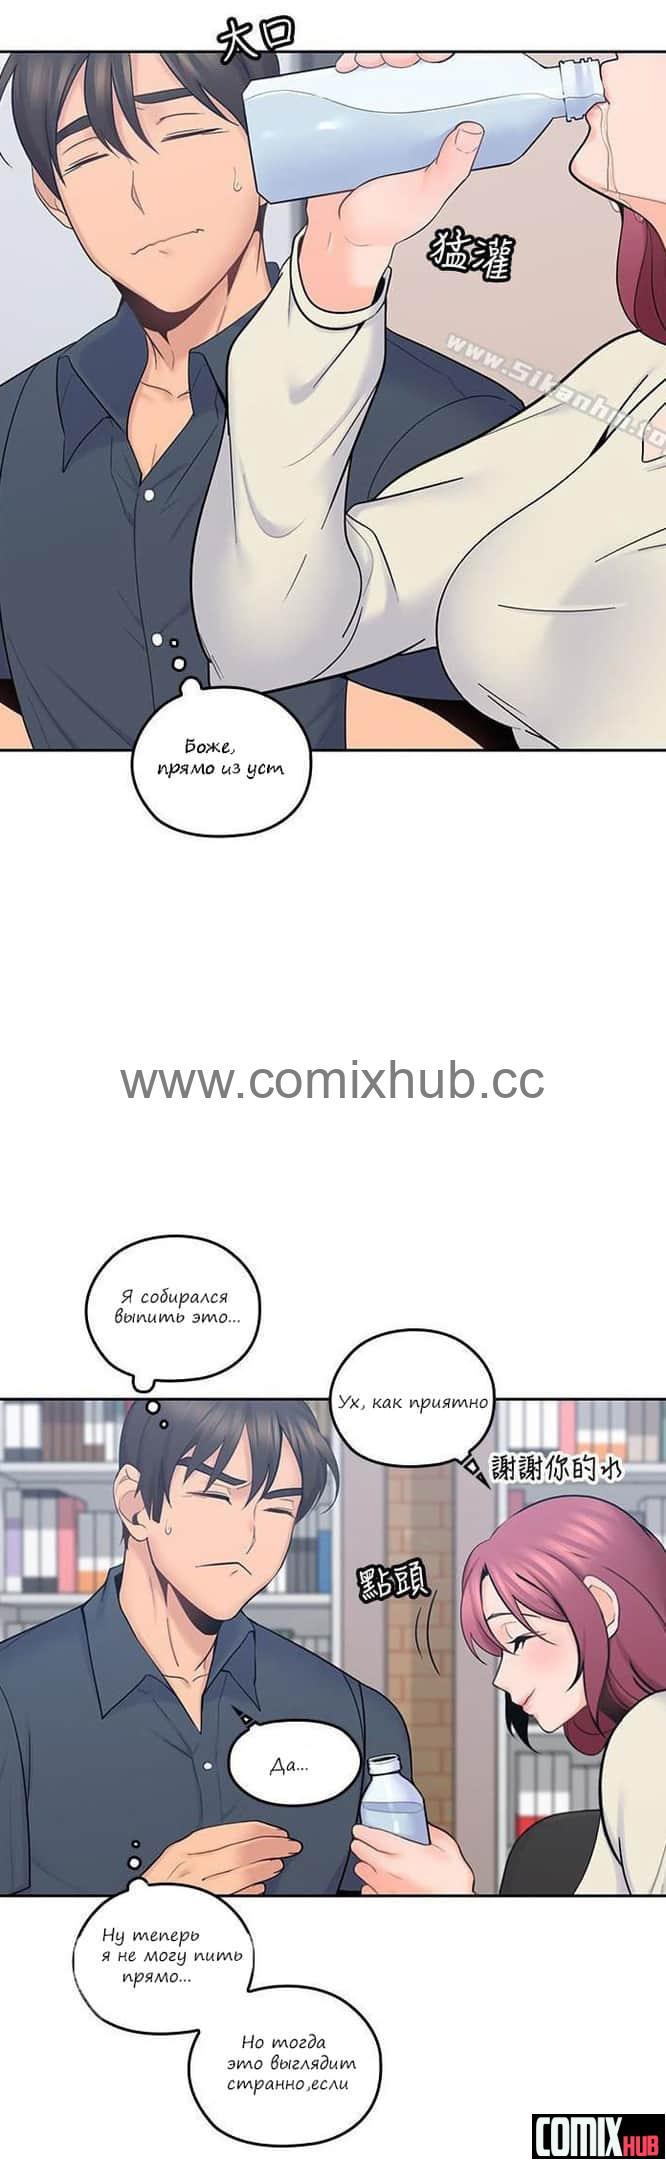 Хентай Манхва, Манхва Мой Дядя, часть 15 Большая грудь, Измена, Инцест, Хентай манга, манхва